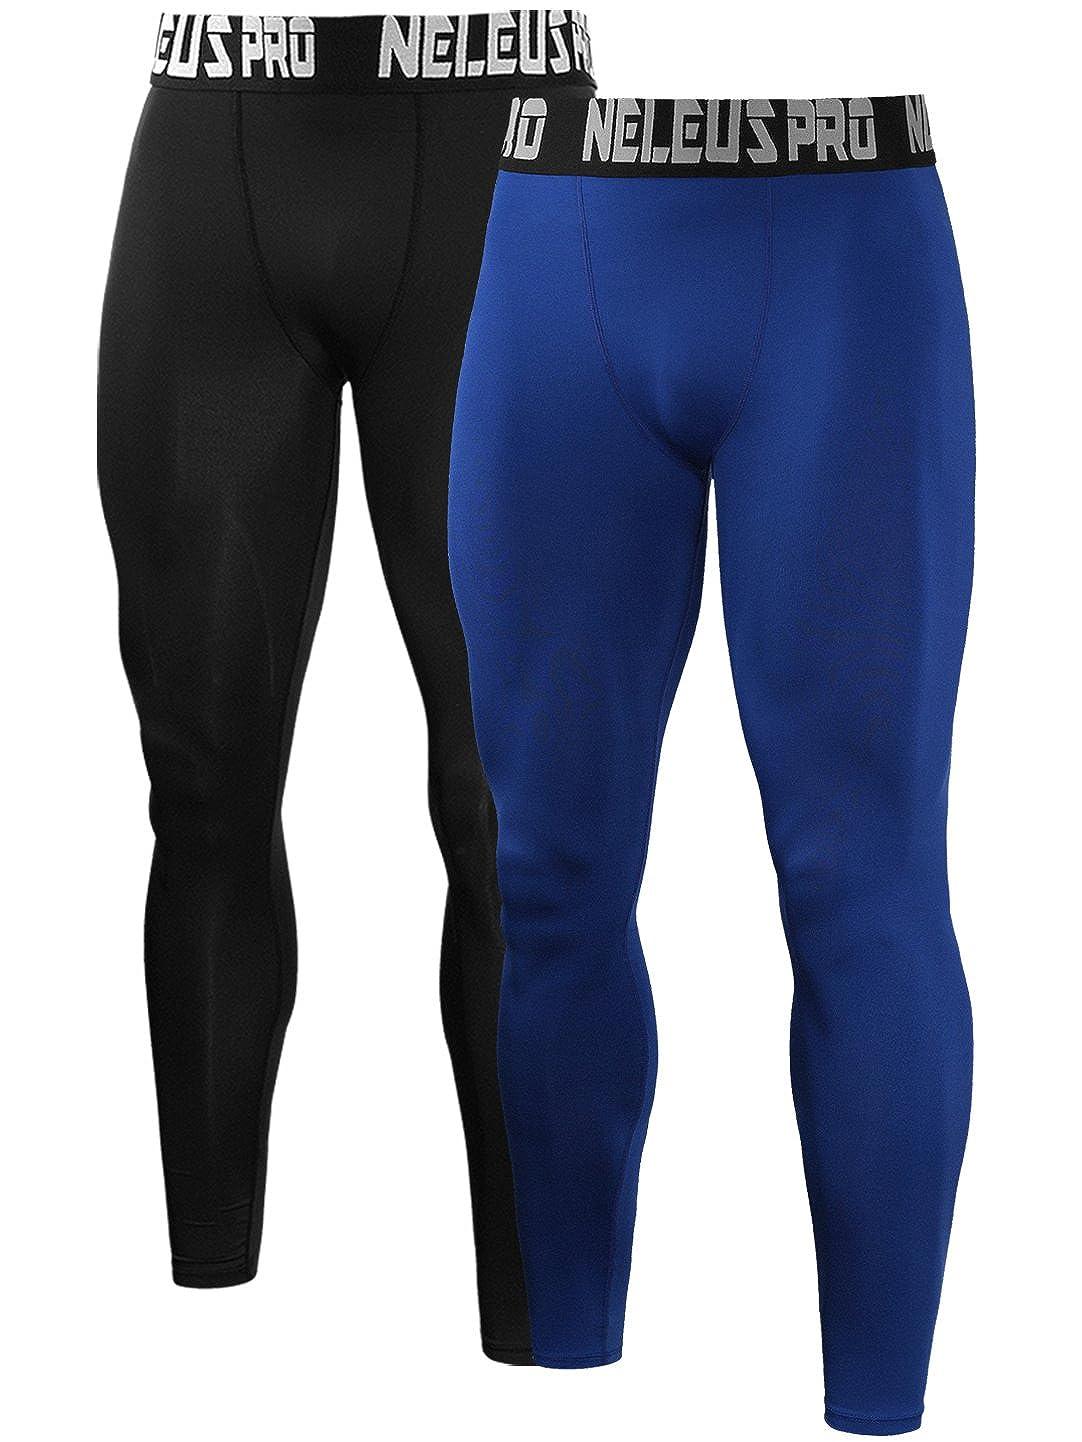 新しいスタイル Neleus UNDERWEAR メンズ B0774RQ6VB Pack: 6019# 2 Pack: Neleus Black,blue Pack: XL XL 6019# 2 Pack: Black,blue, 埼玉県三芳町:636144c3 --- arianechie.dominiotemporario.com